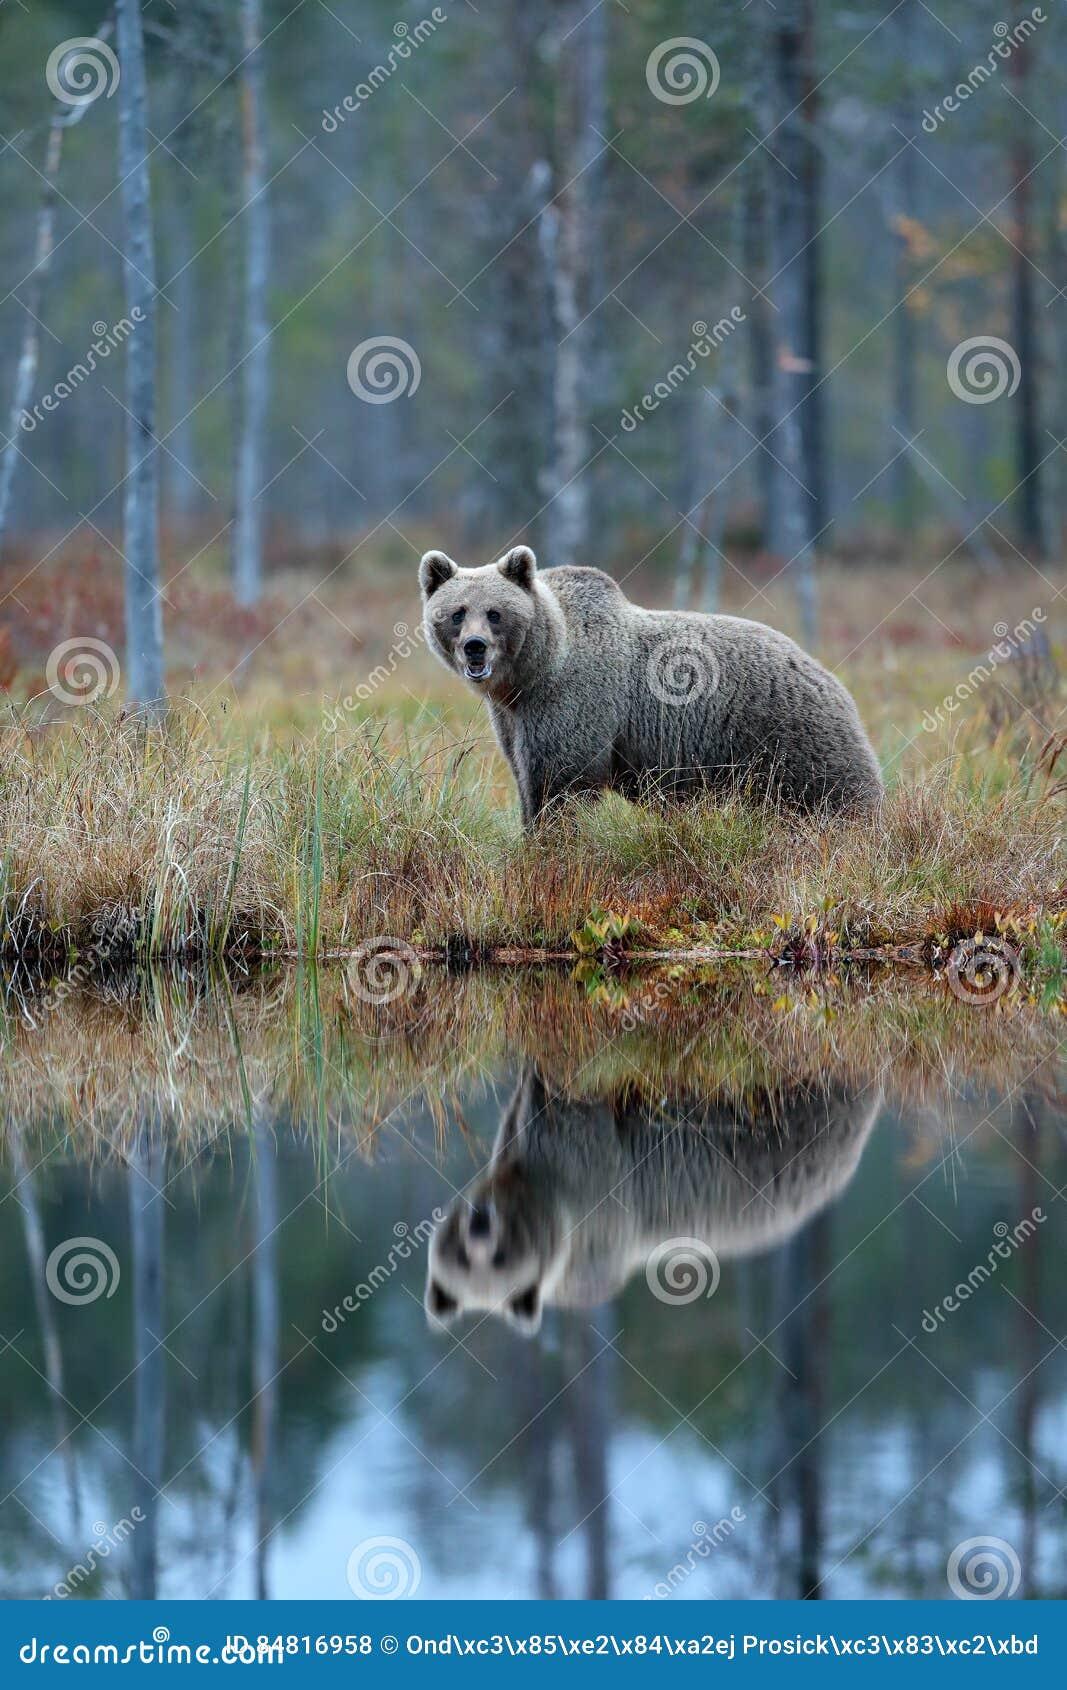 Bär Mit Reflexion Im Wasser Großer Braunbär Der Um See Mit